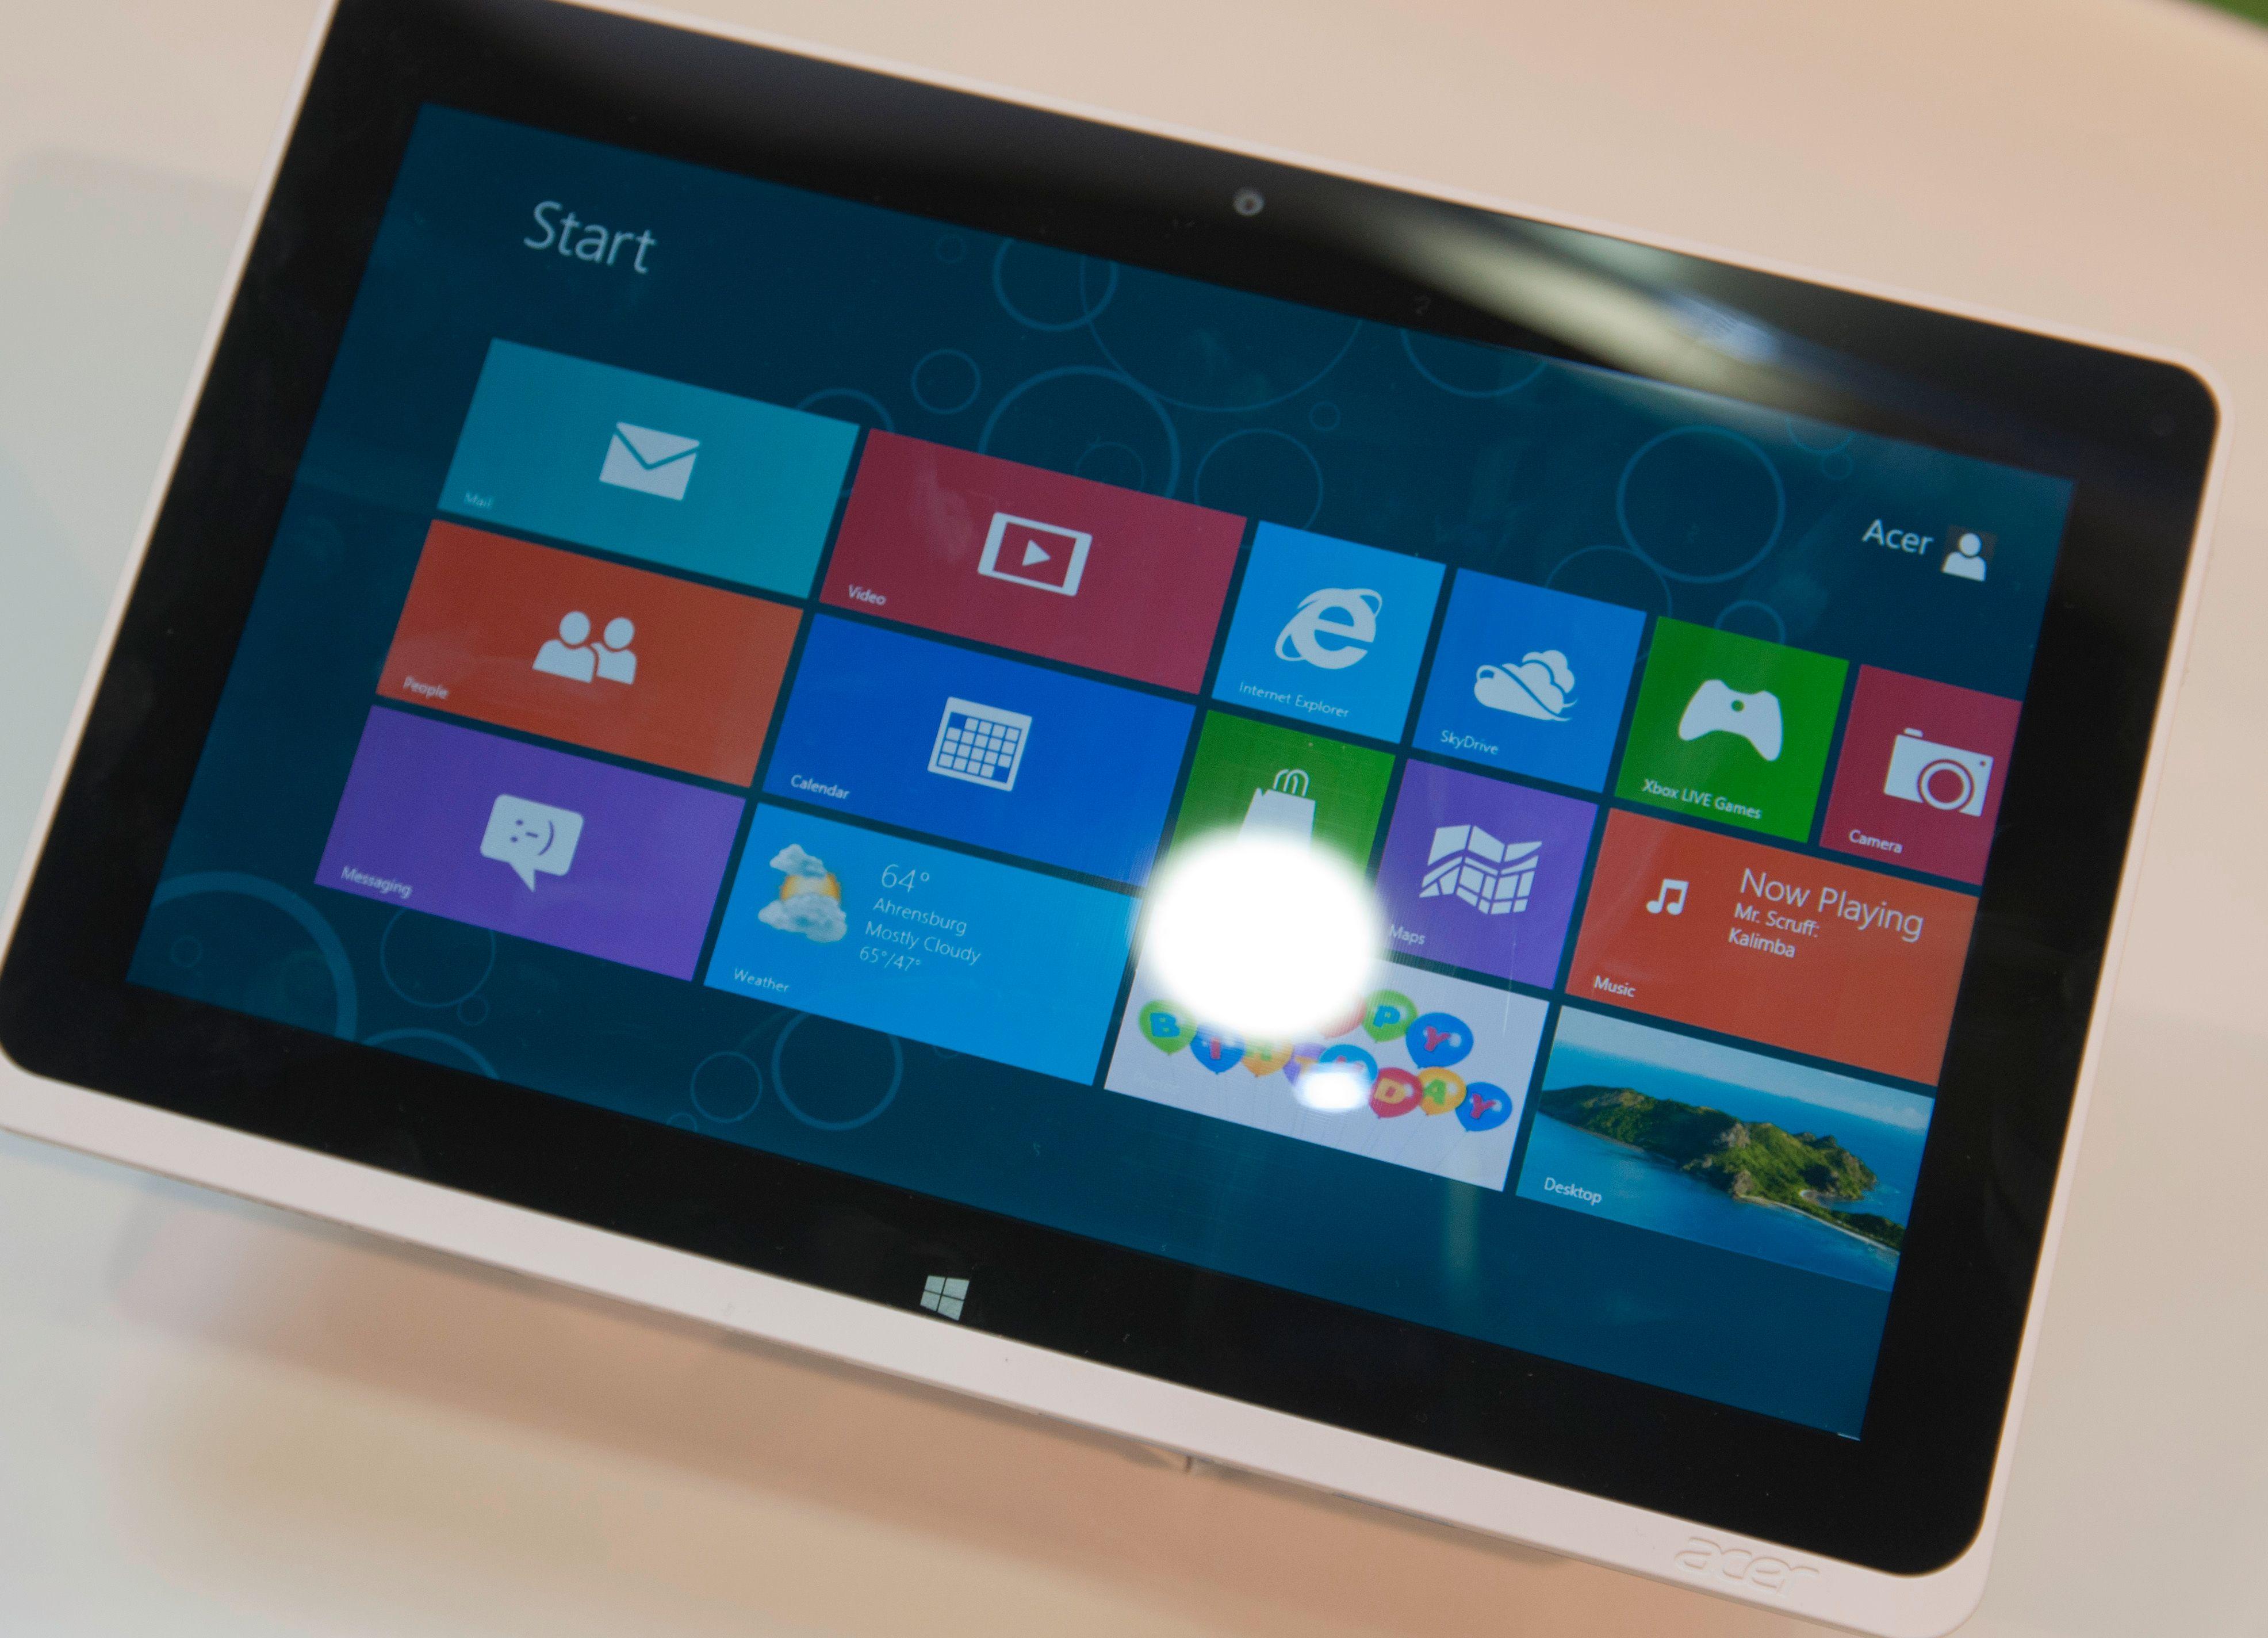 Også i Windows 8 Pro er det Microsofts Metro-grensesnitt du forholder deg til.